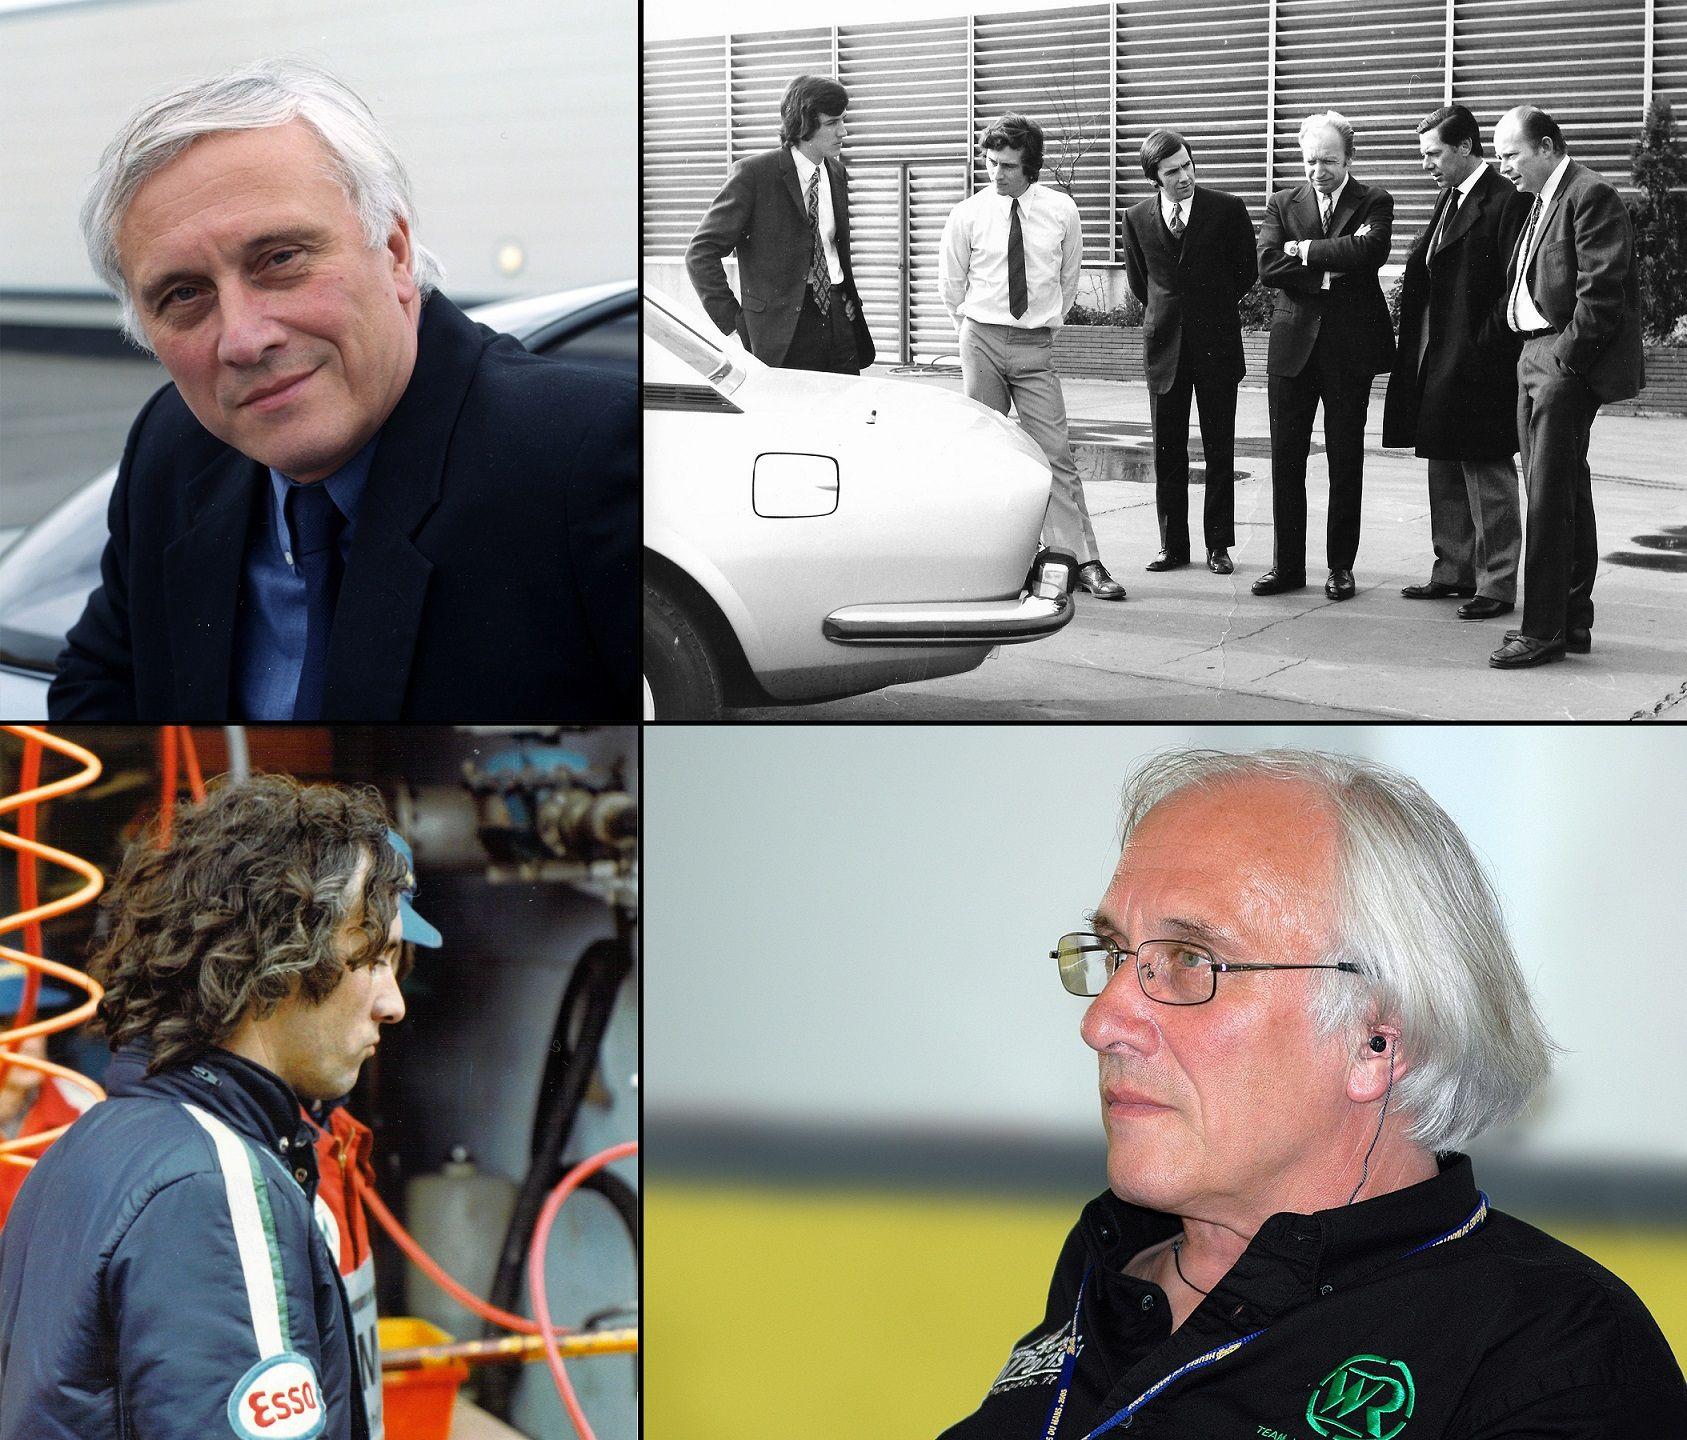 """De los ojos de Sofía Loren al 205: Gérard Welter, el diseñador que definió el """"estilo Peugeot"""""""